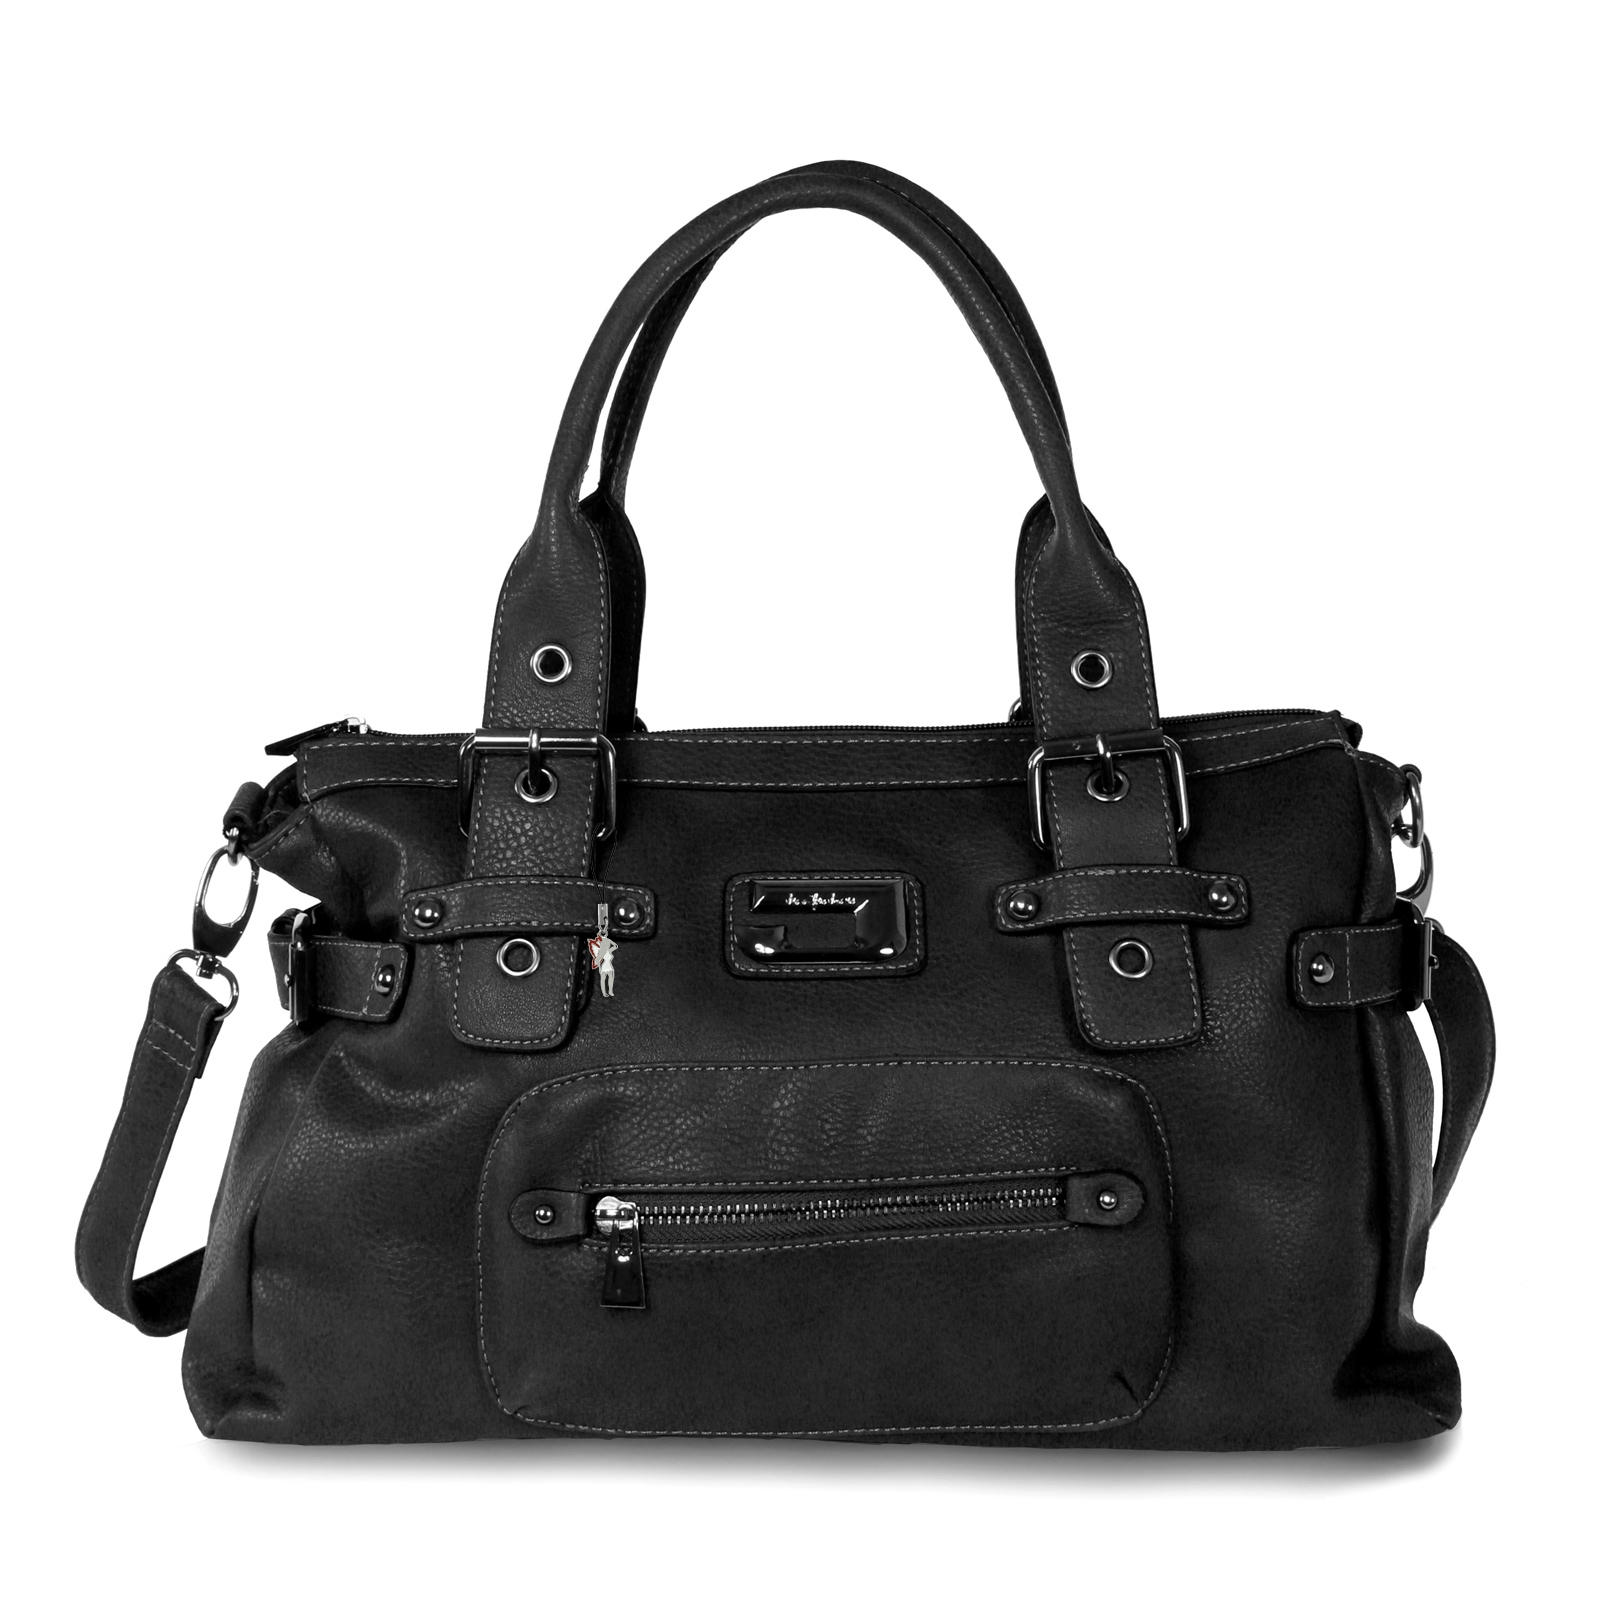 Strap-Bag-Faux-Leather-Ladies-Shoulder-Bag-Handbag-otj103x-JENNIFER-JONES